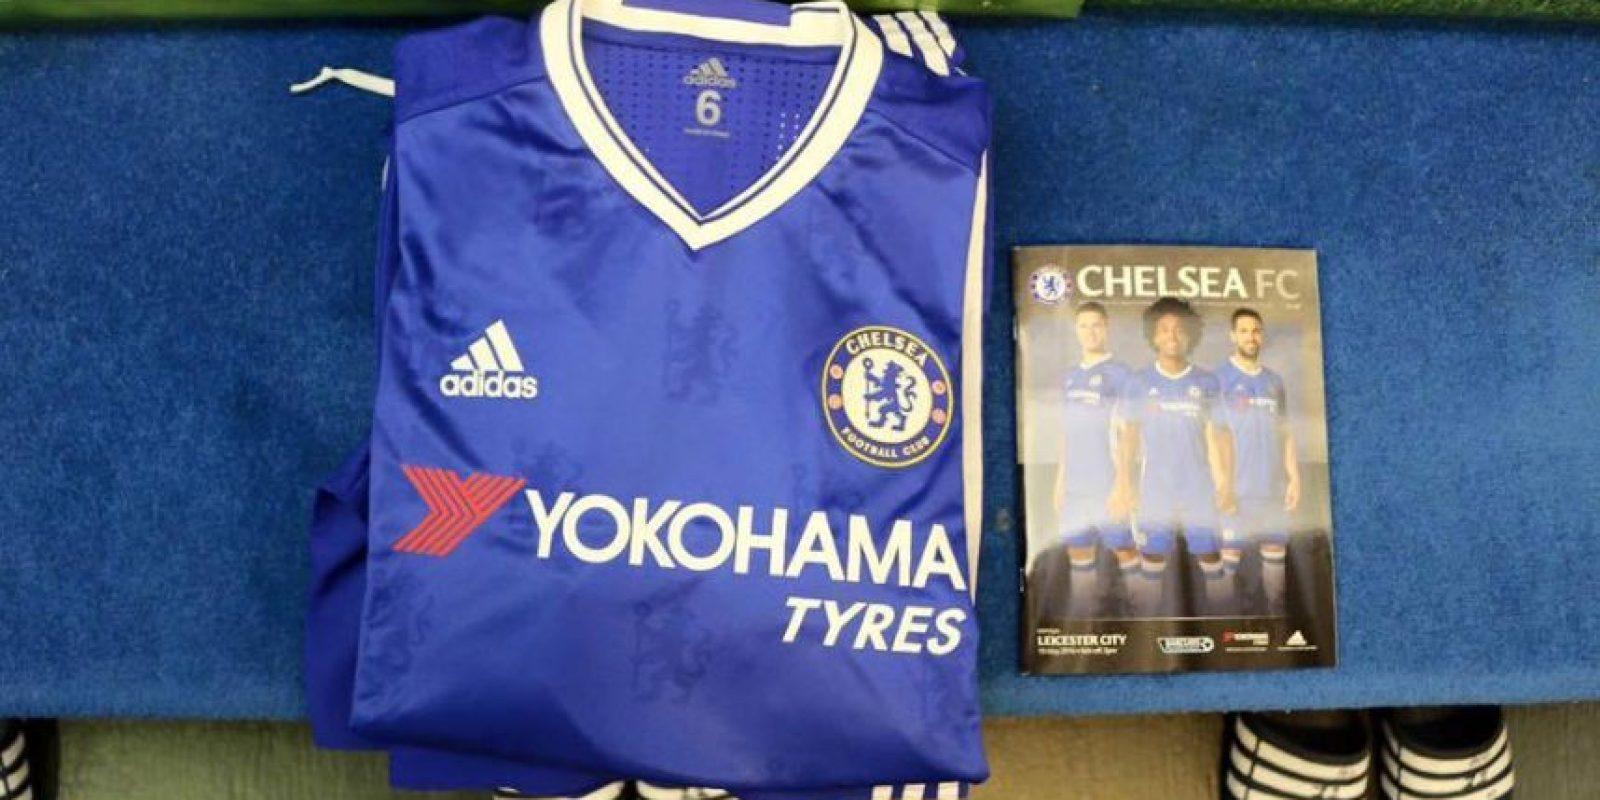 Chelsea usará su última camiseta diseñada por Adidas. Foto:Vía facebook.com/ChelseaFC